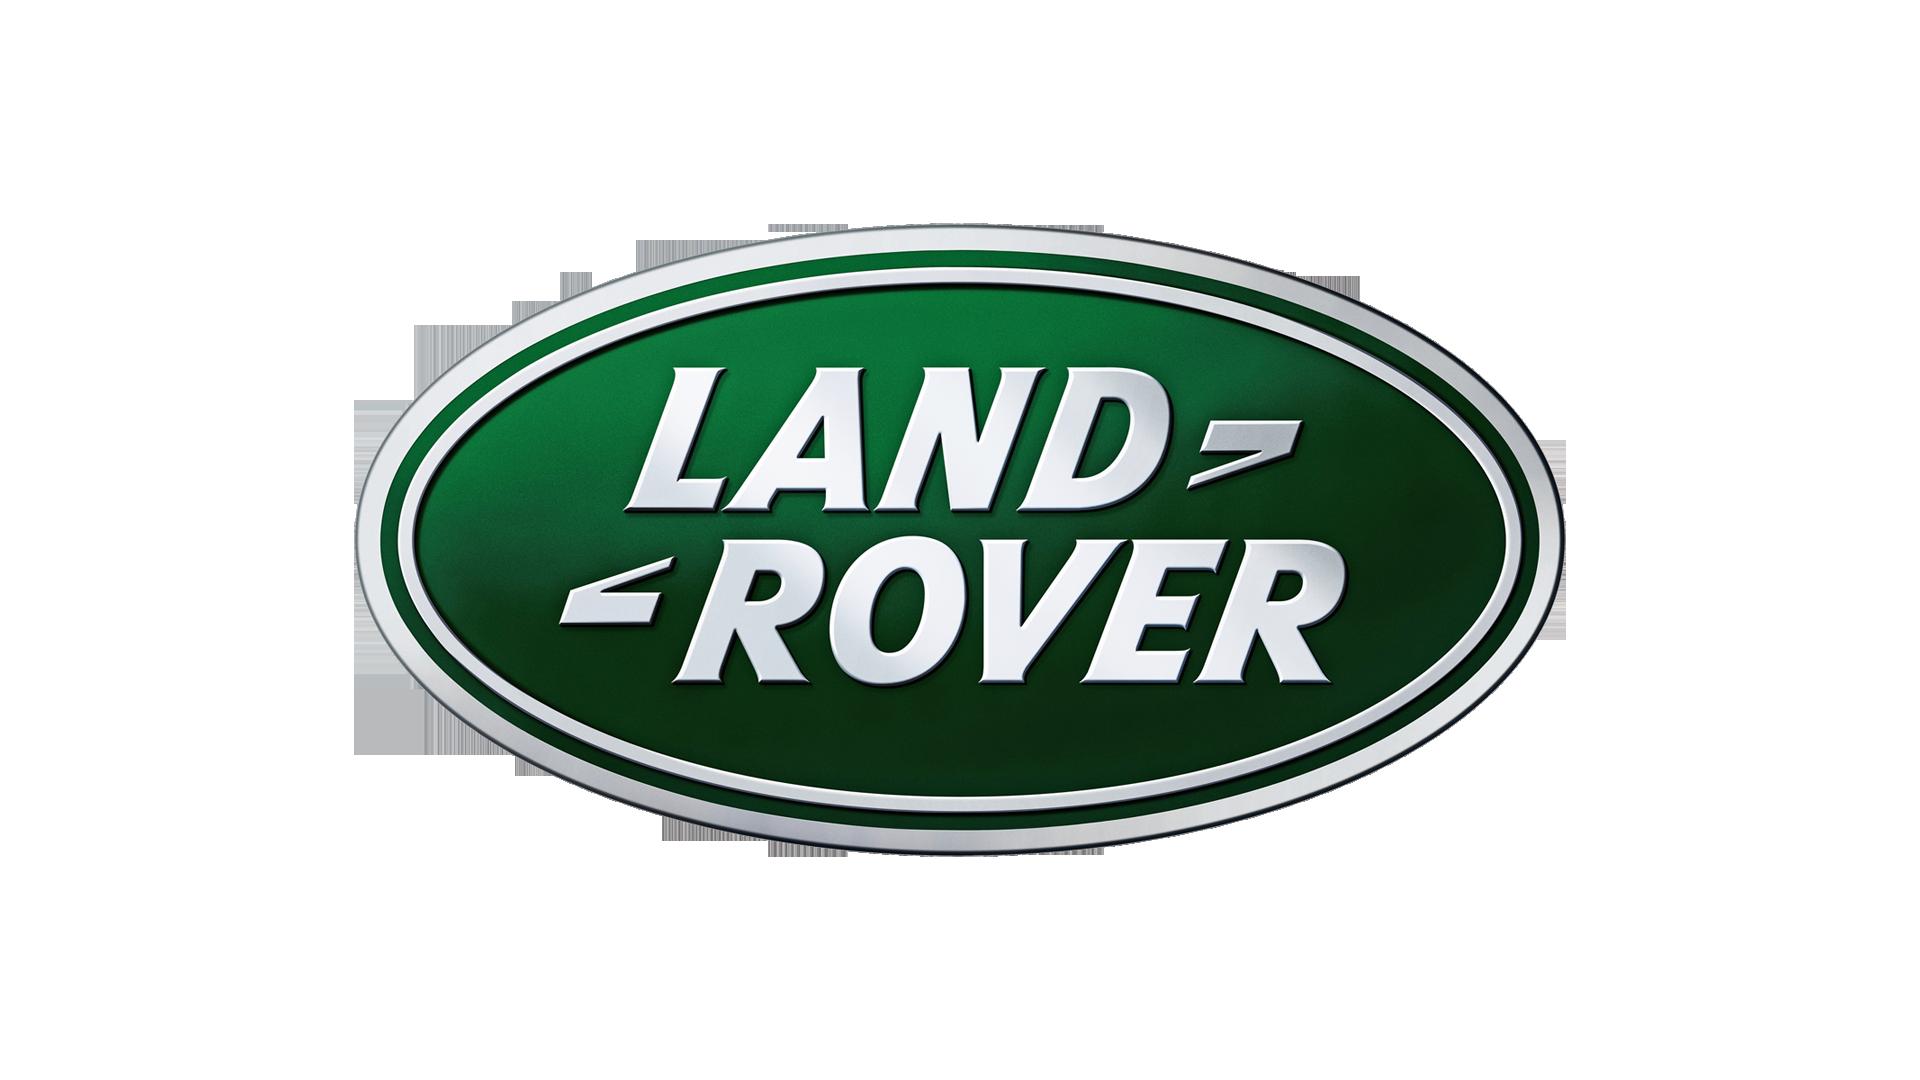 Résultats de recherche d'images pour «LAND ROVER LOGO PNG»